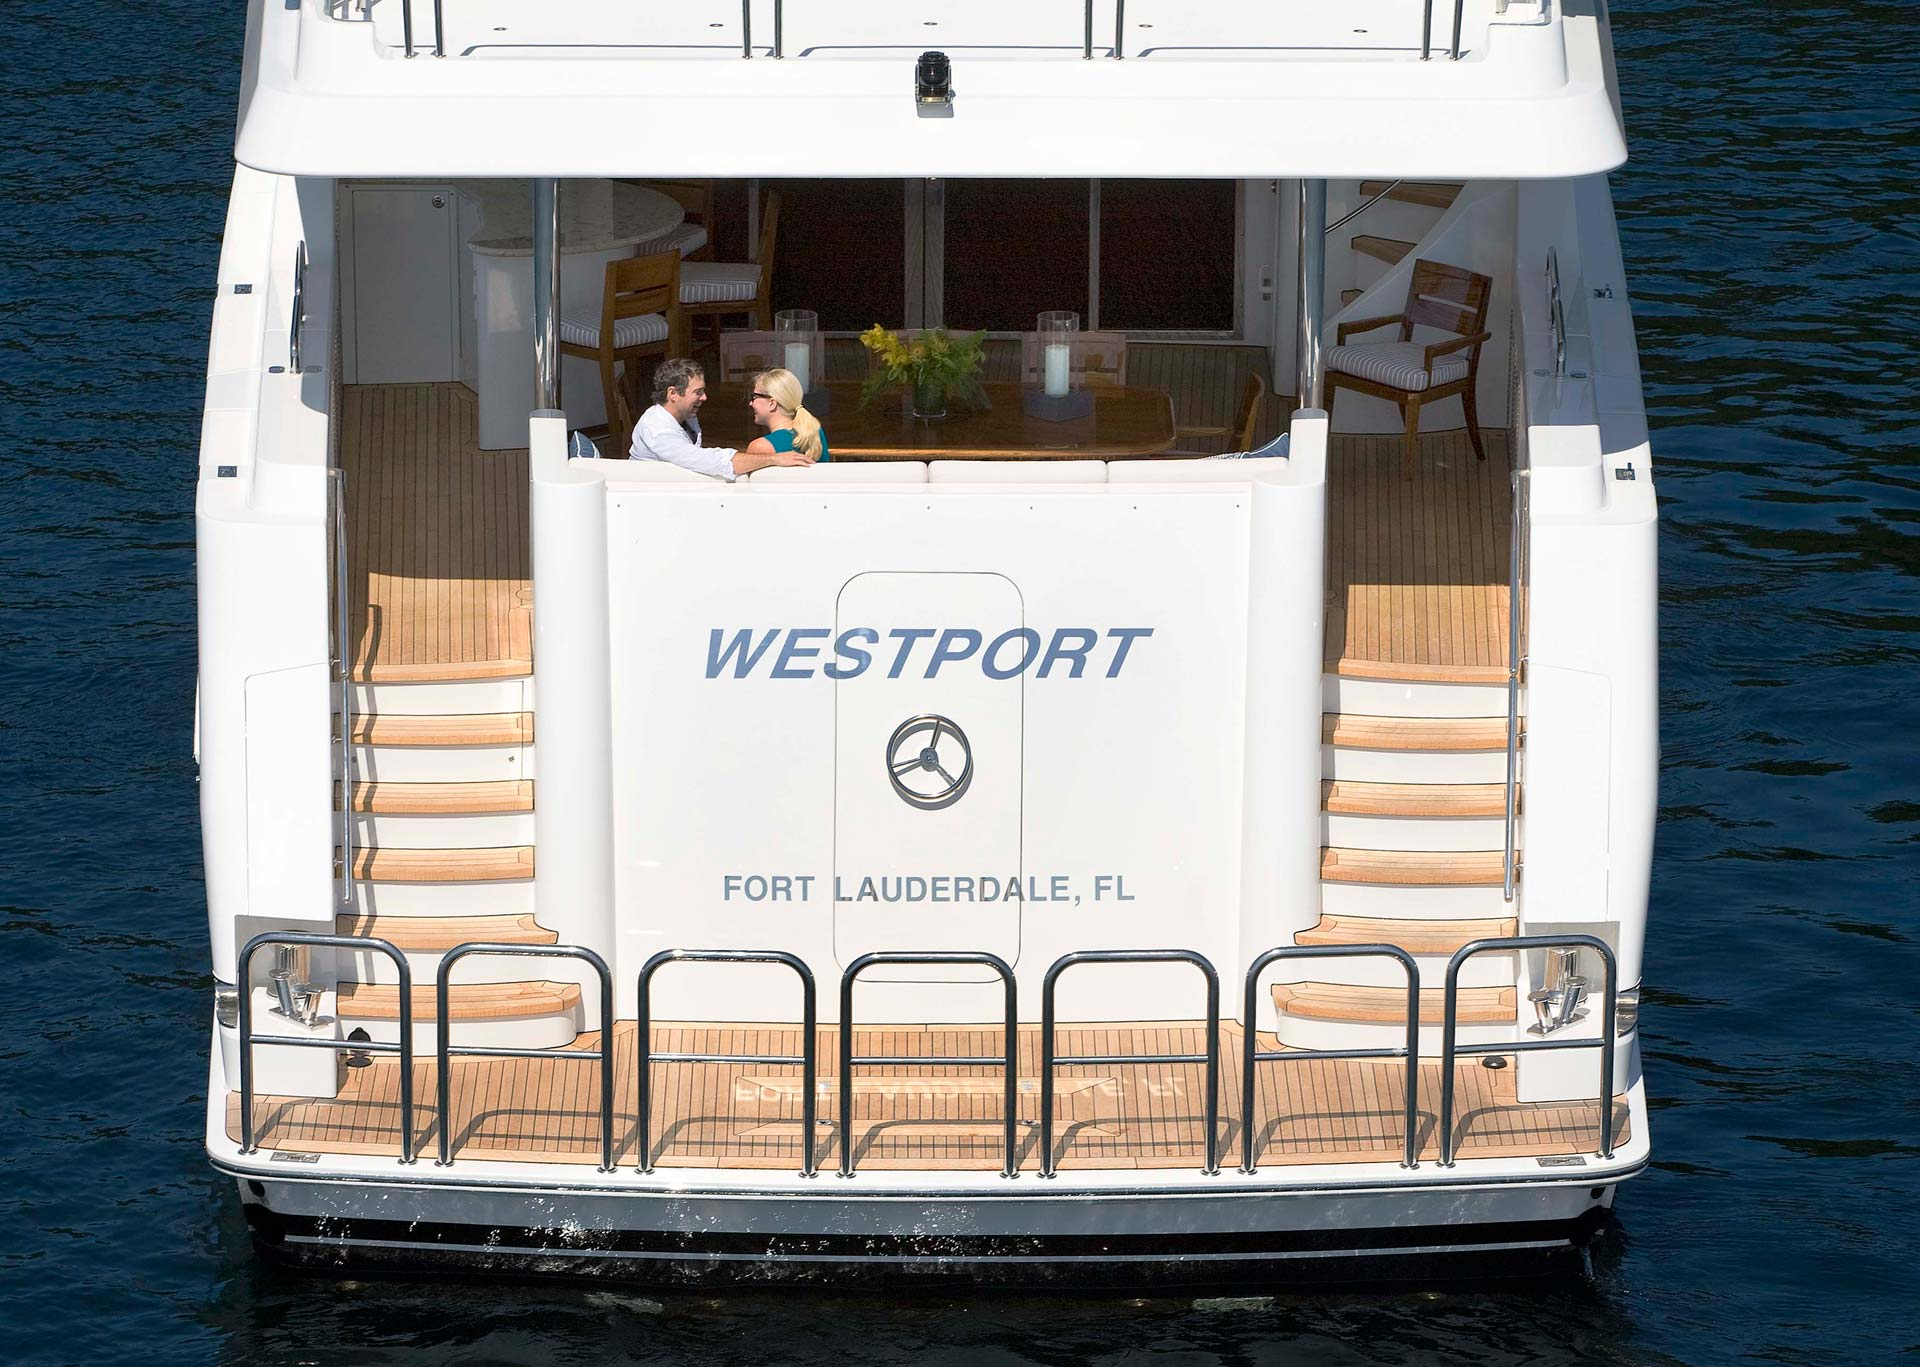 Westport 112 - sistership to hull 7762